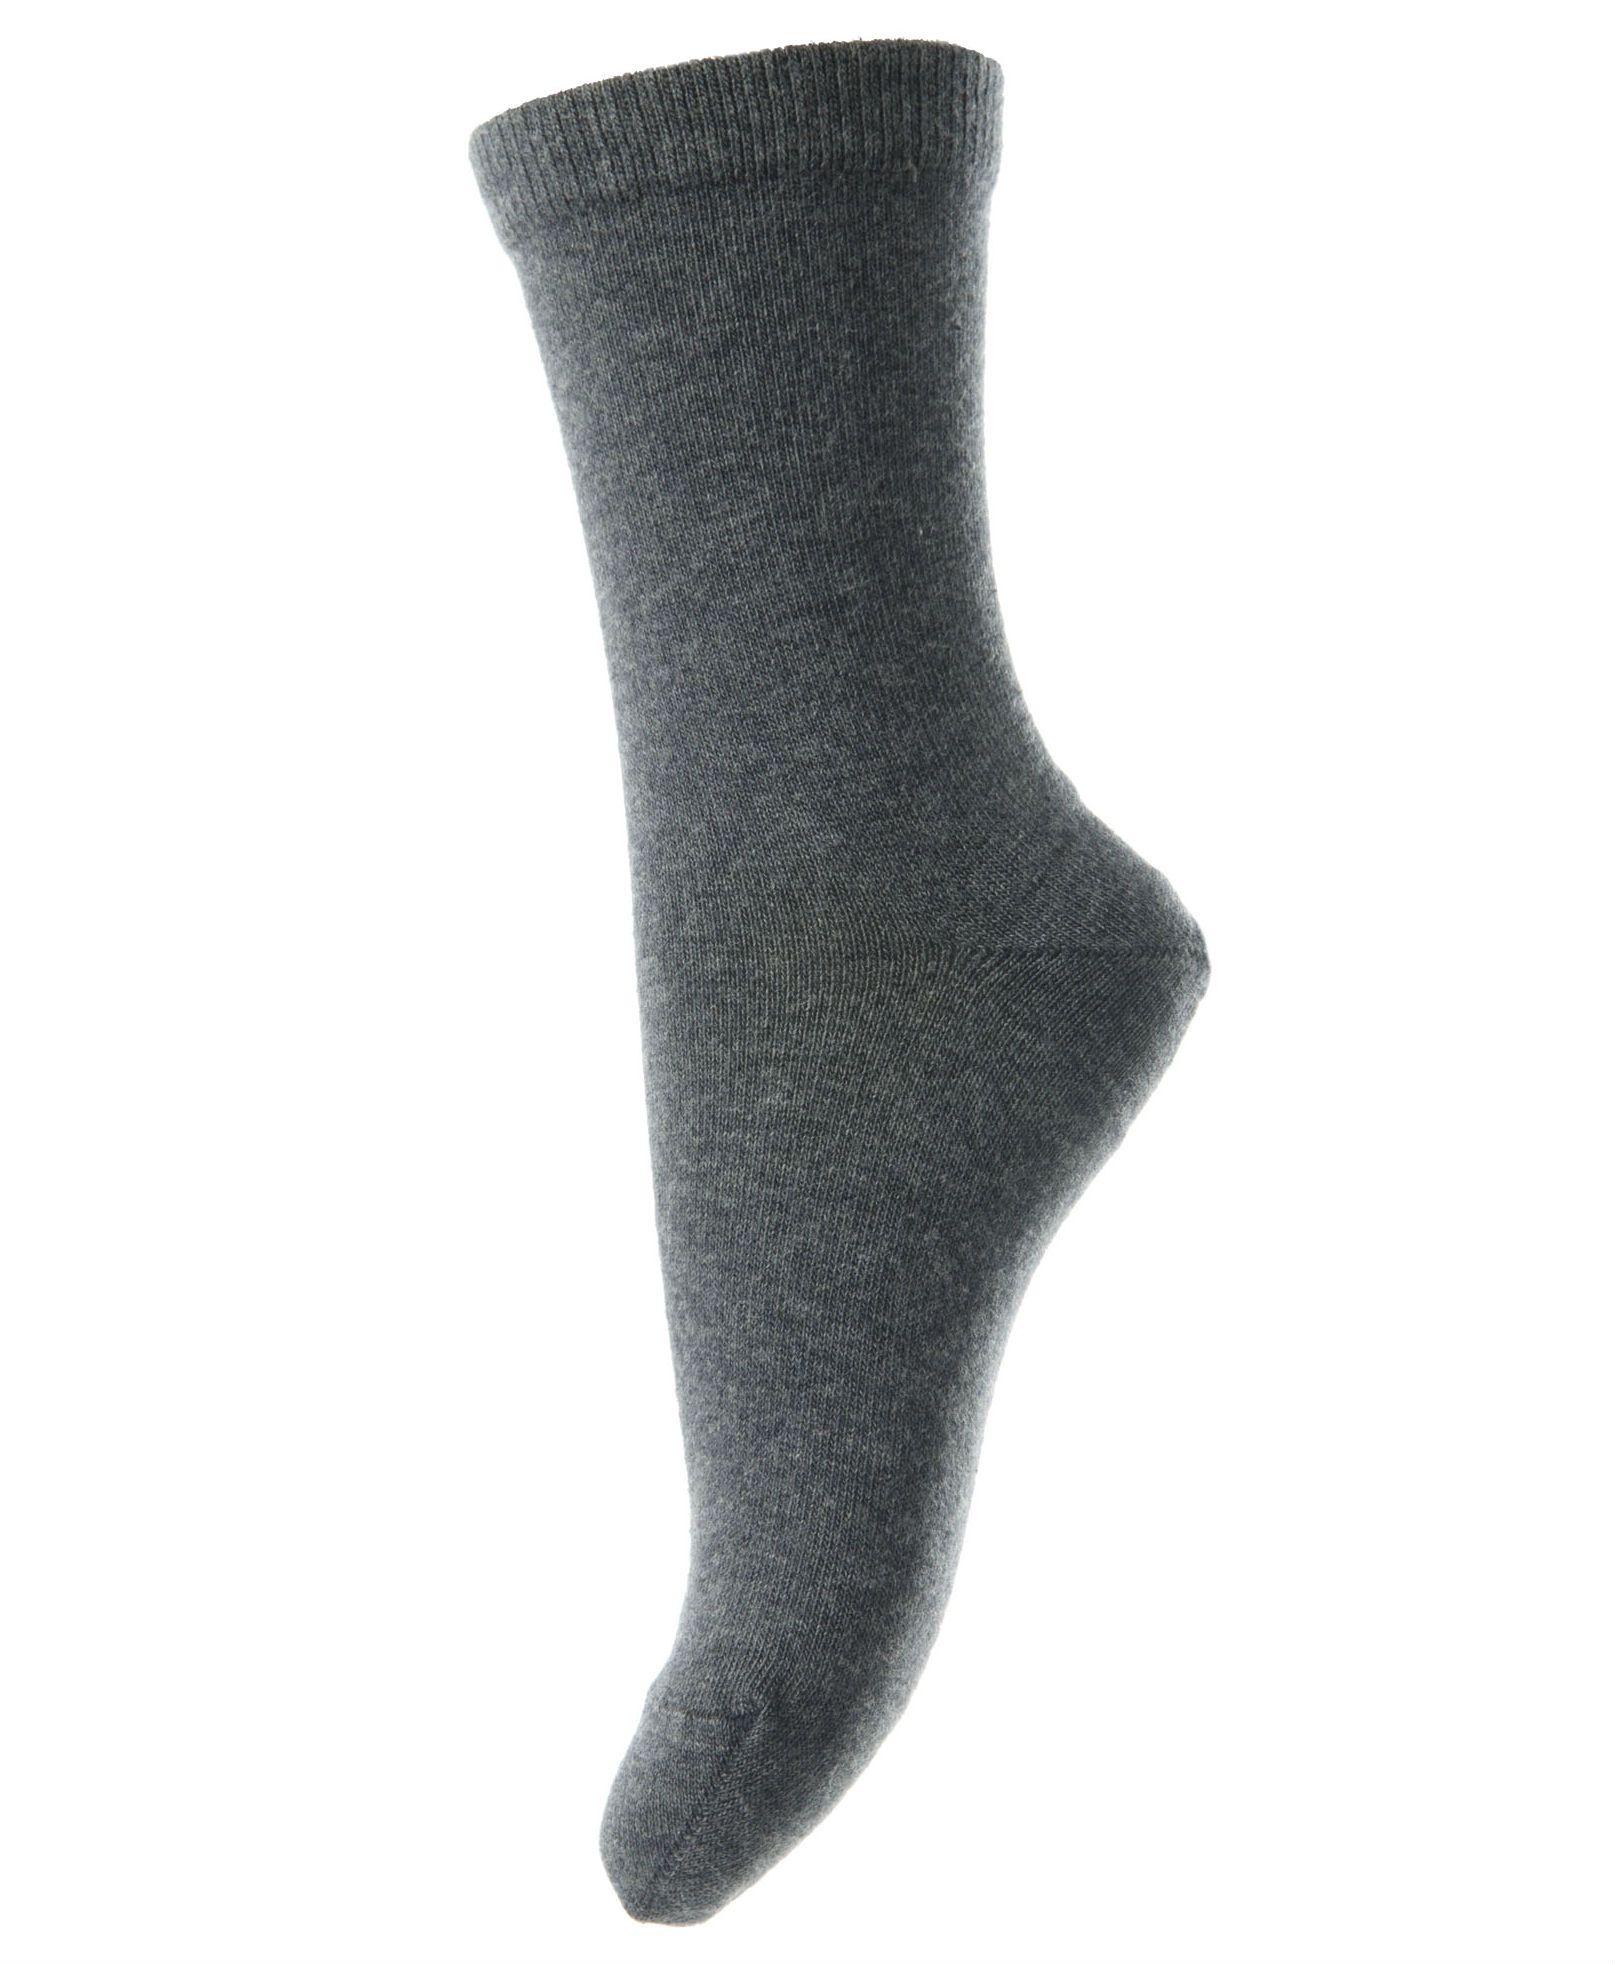 Billede af Strømper i bomuld fra MP - Mørk gråmeleret